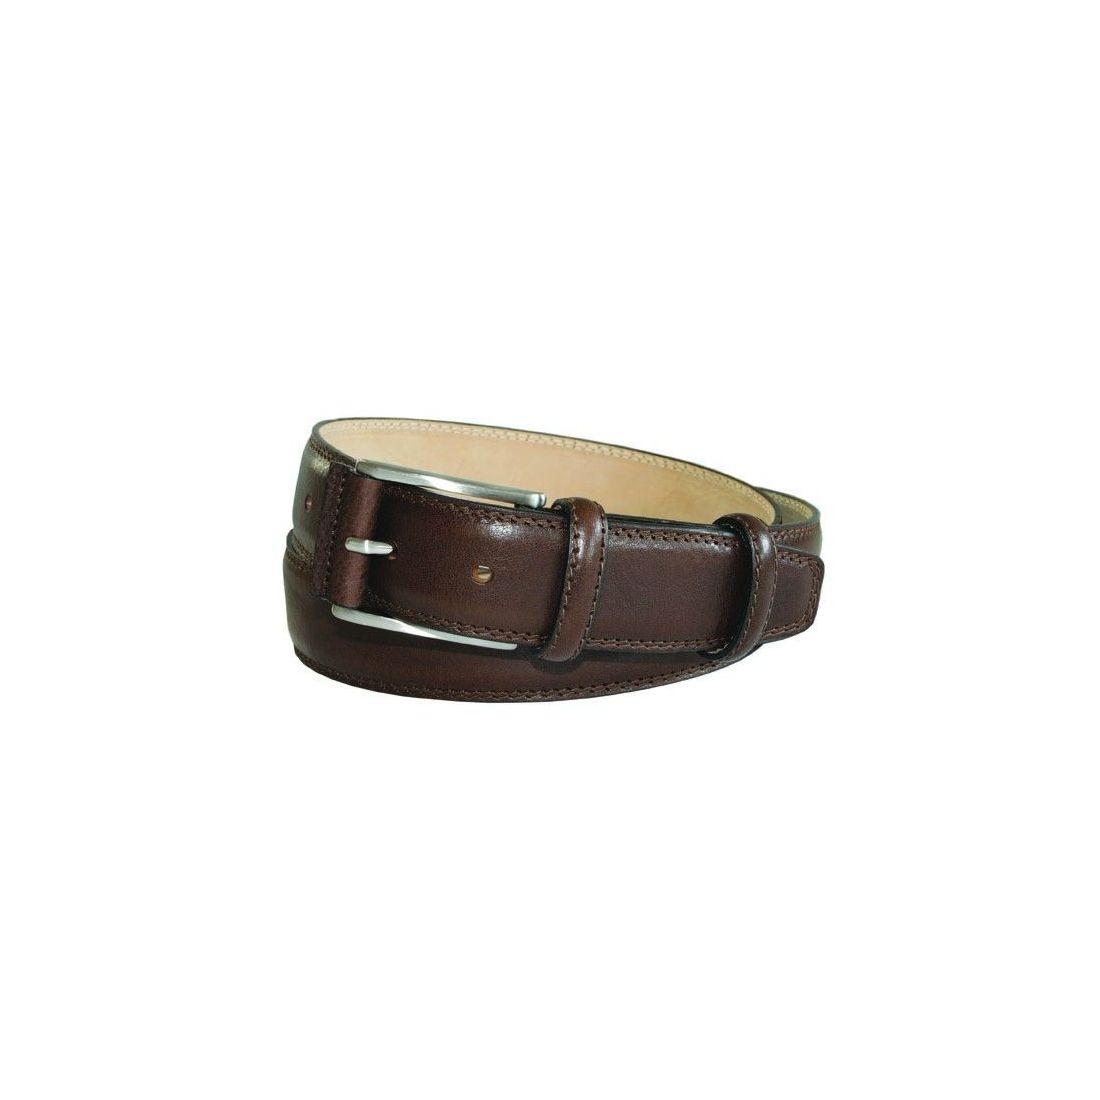 Bretelles Homme Cuir Marron : ceinture cuir boucle cuir couleur marron cravate ~ Nature-et-papiers.com Idées de Décoration